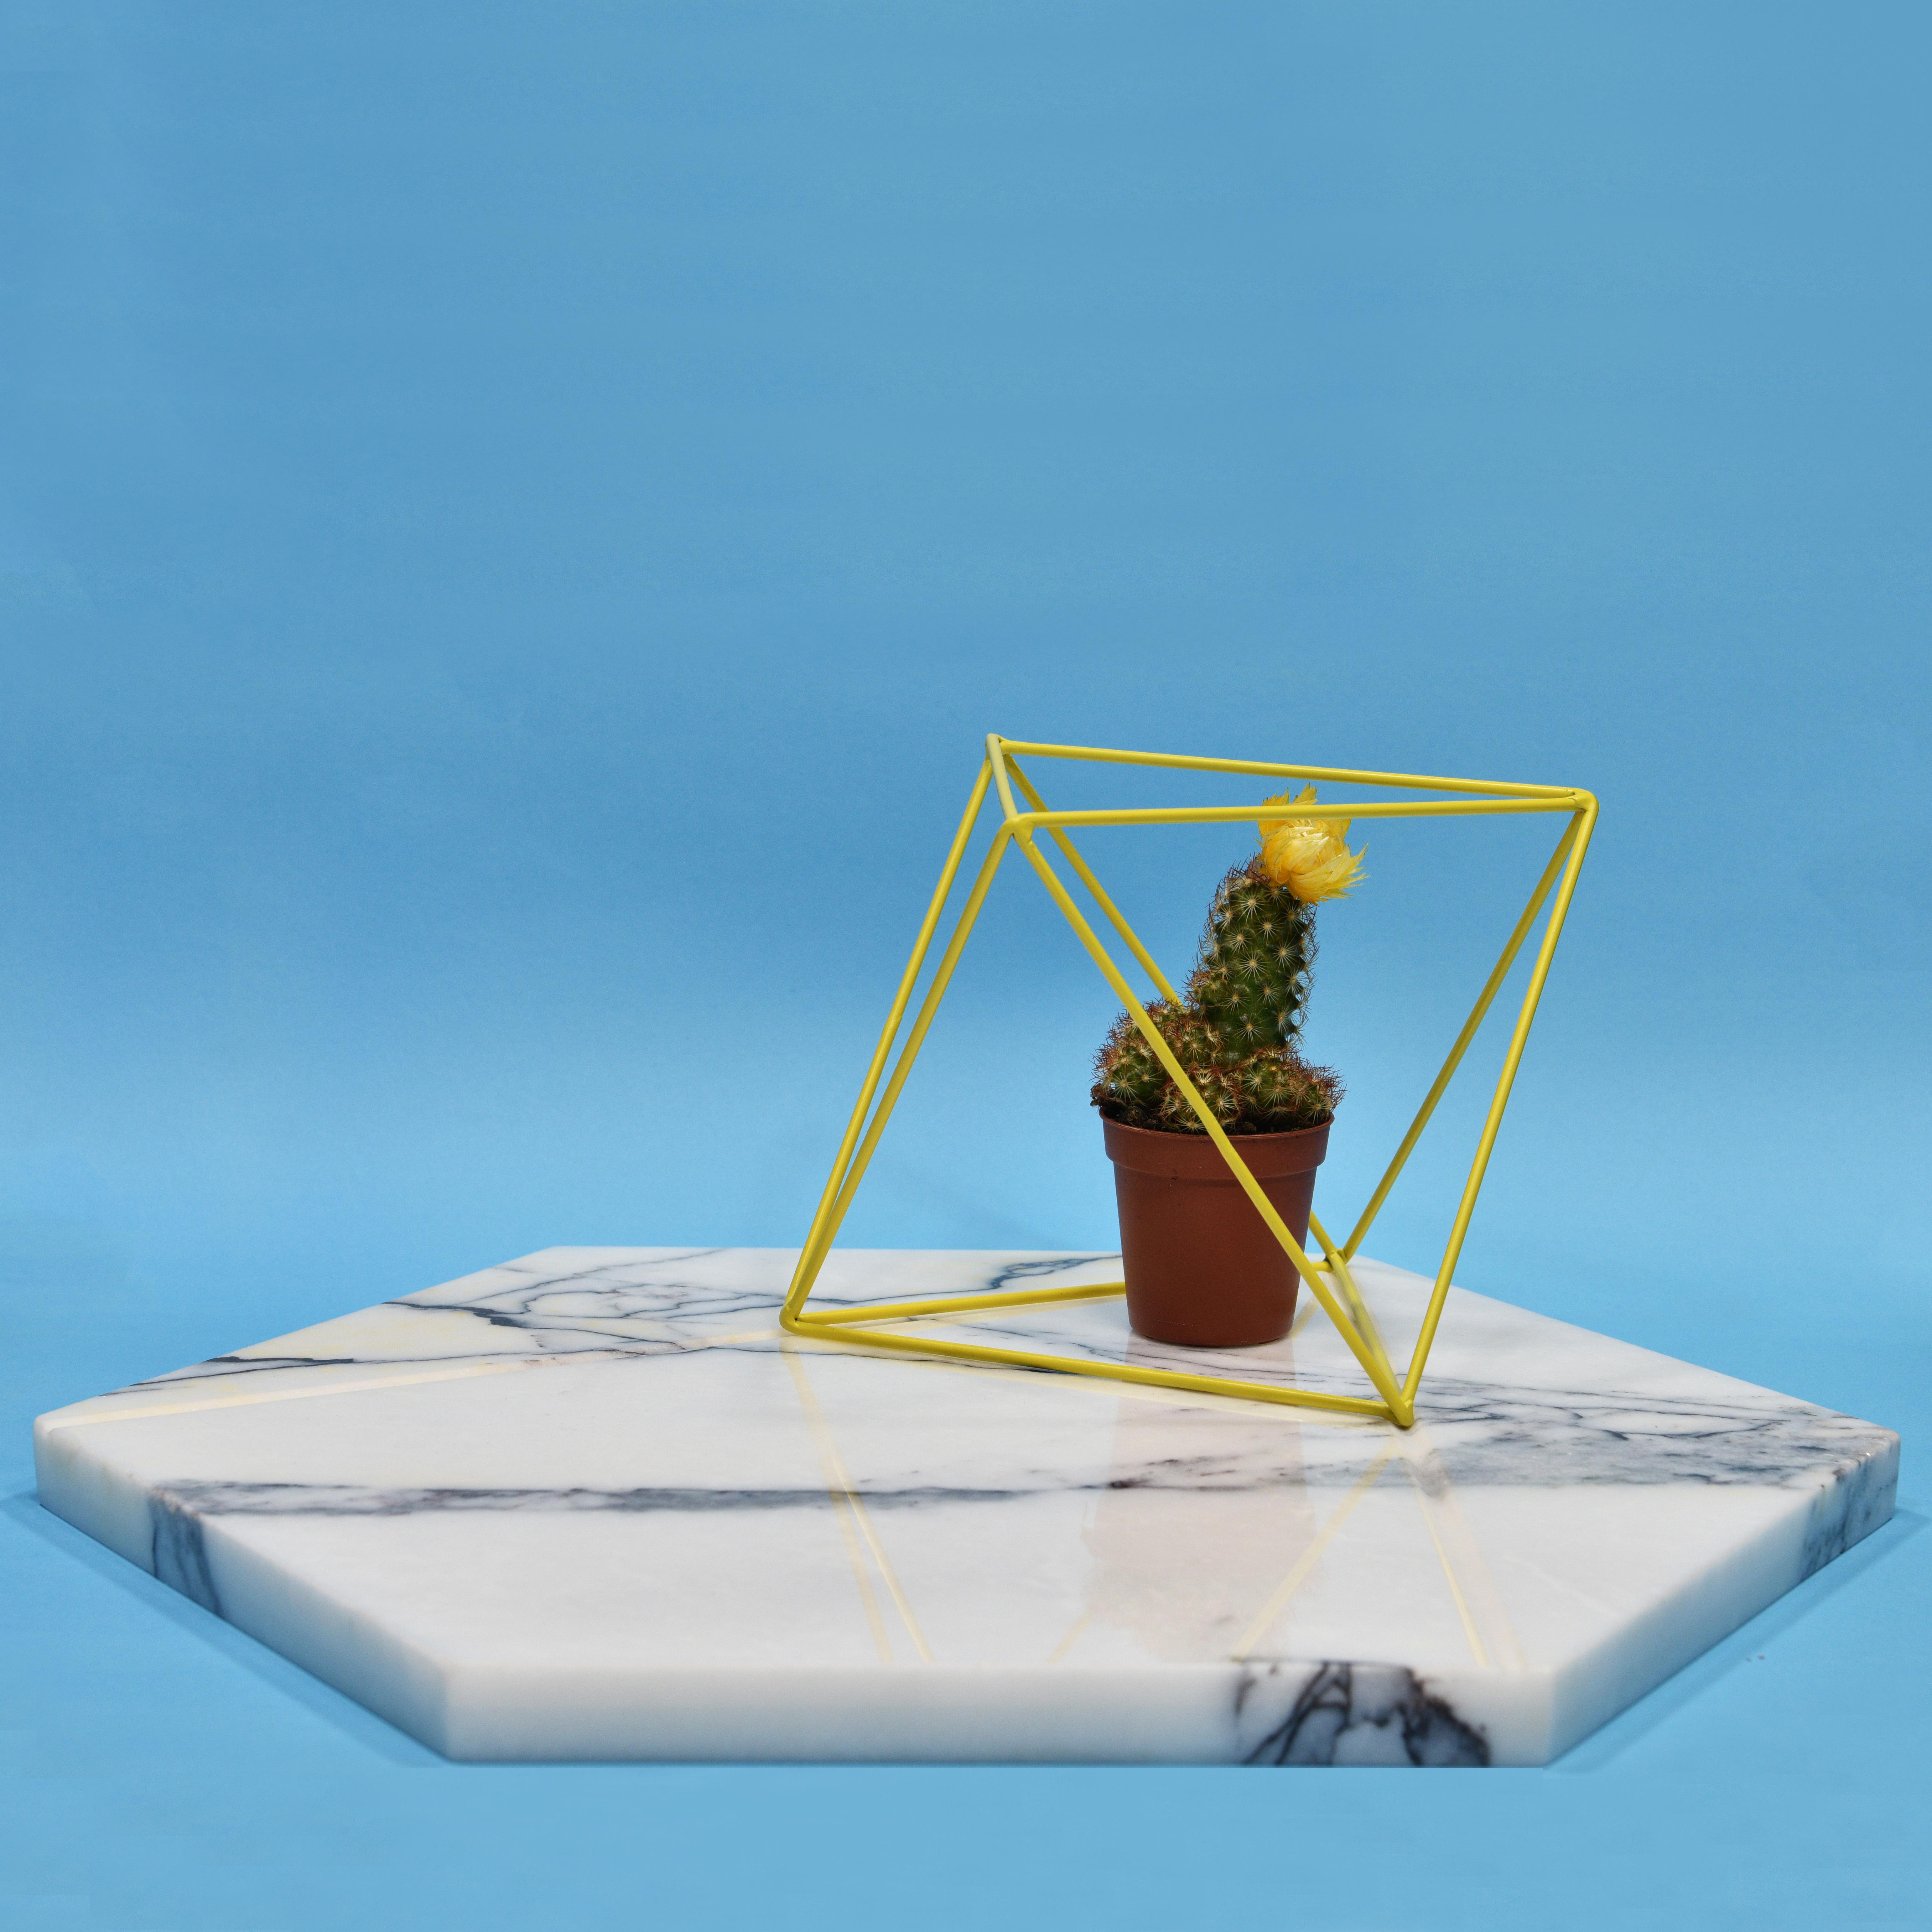 mudalla tray composition-emnastudio